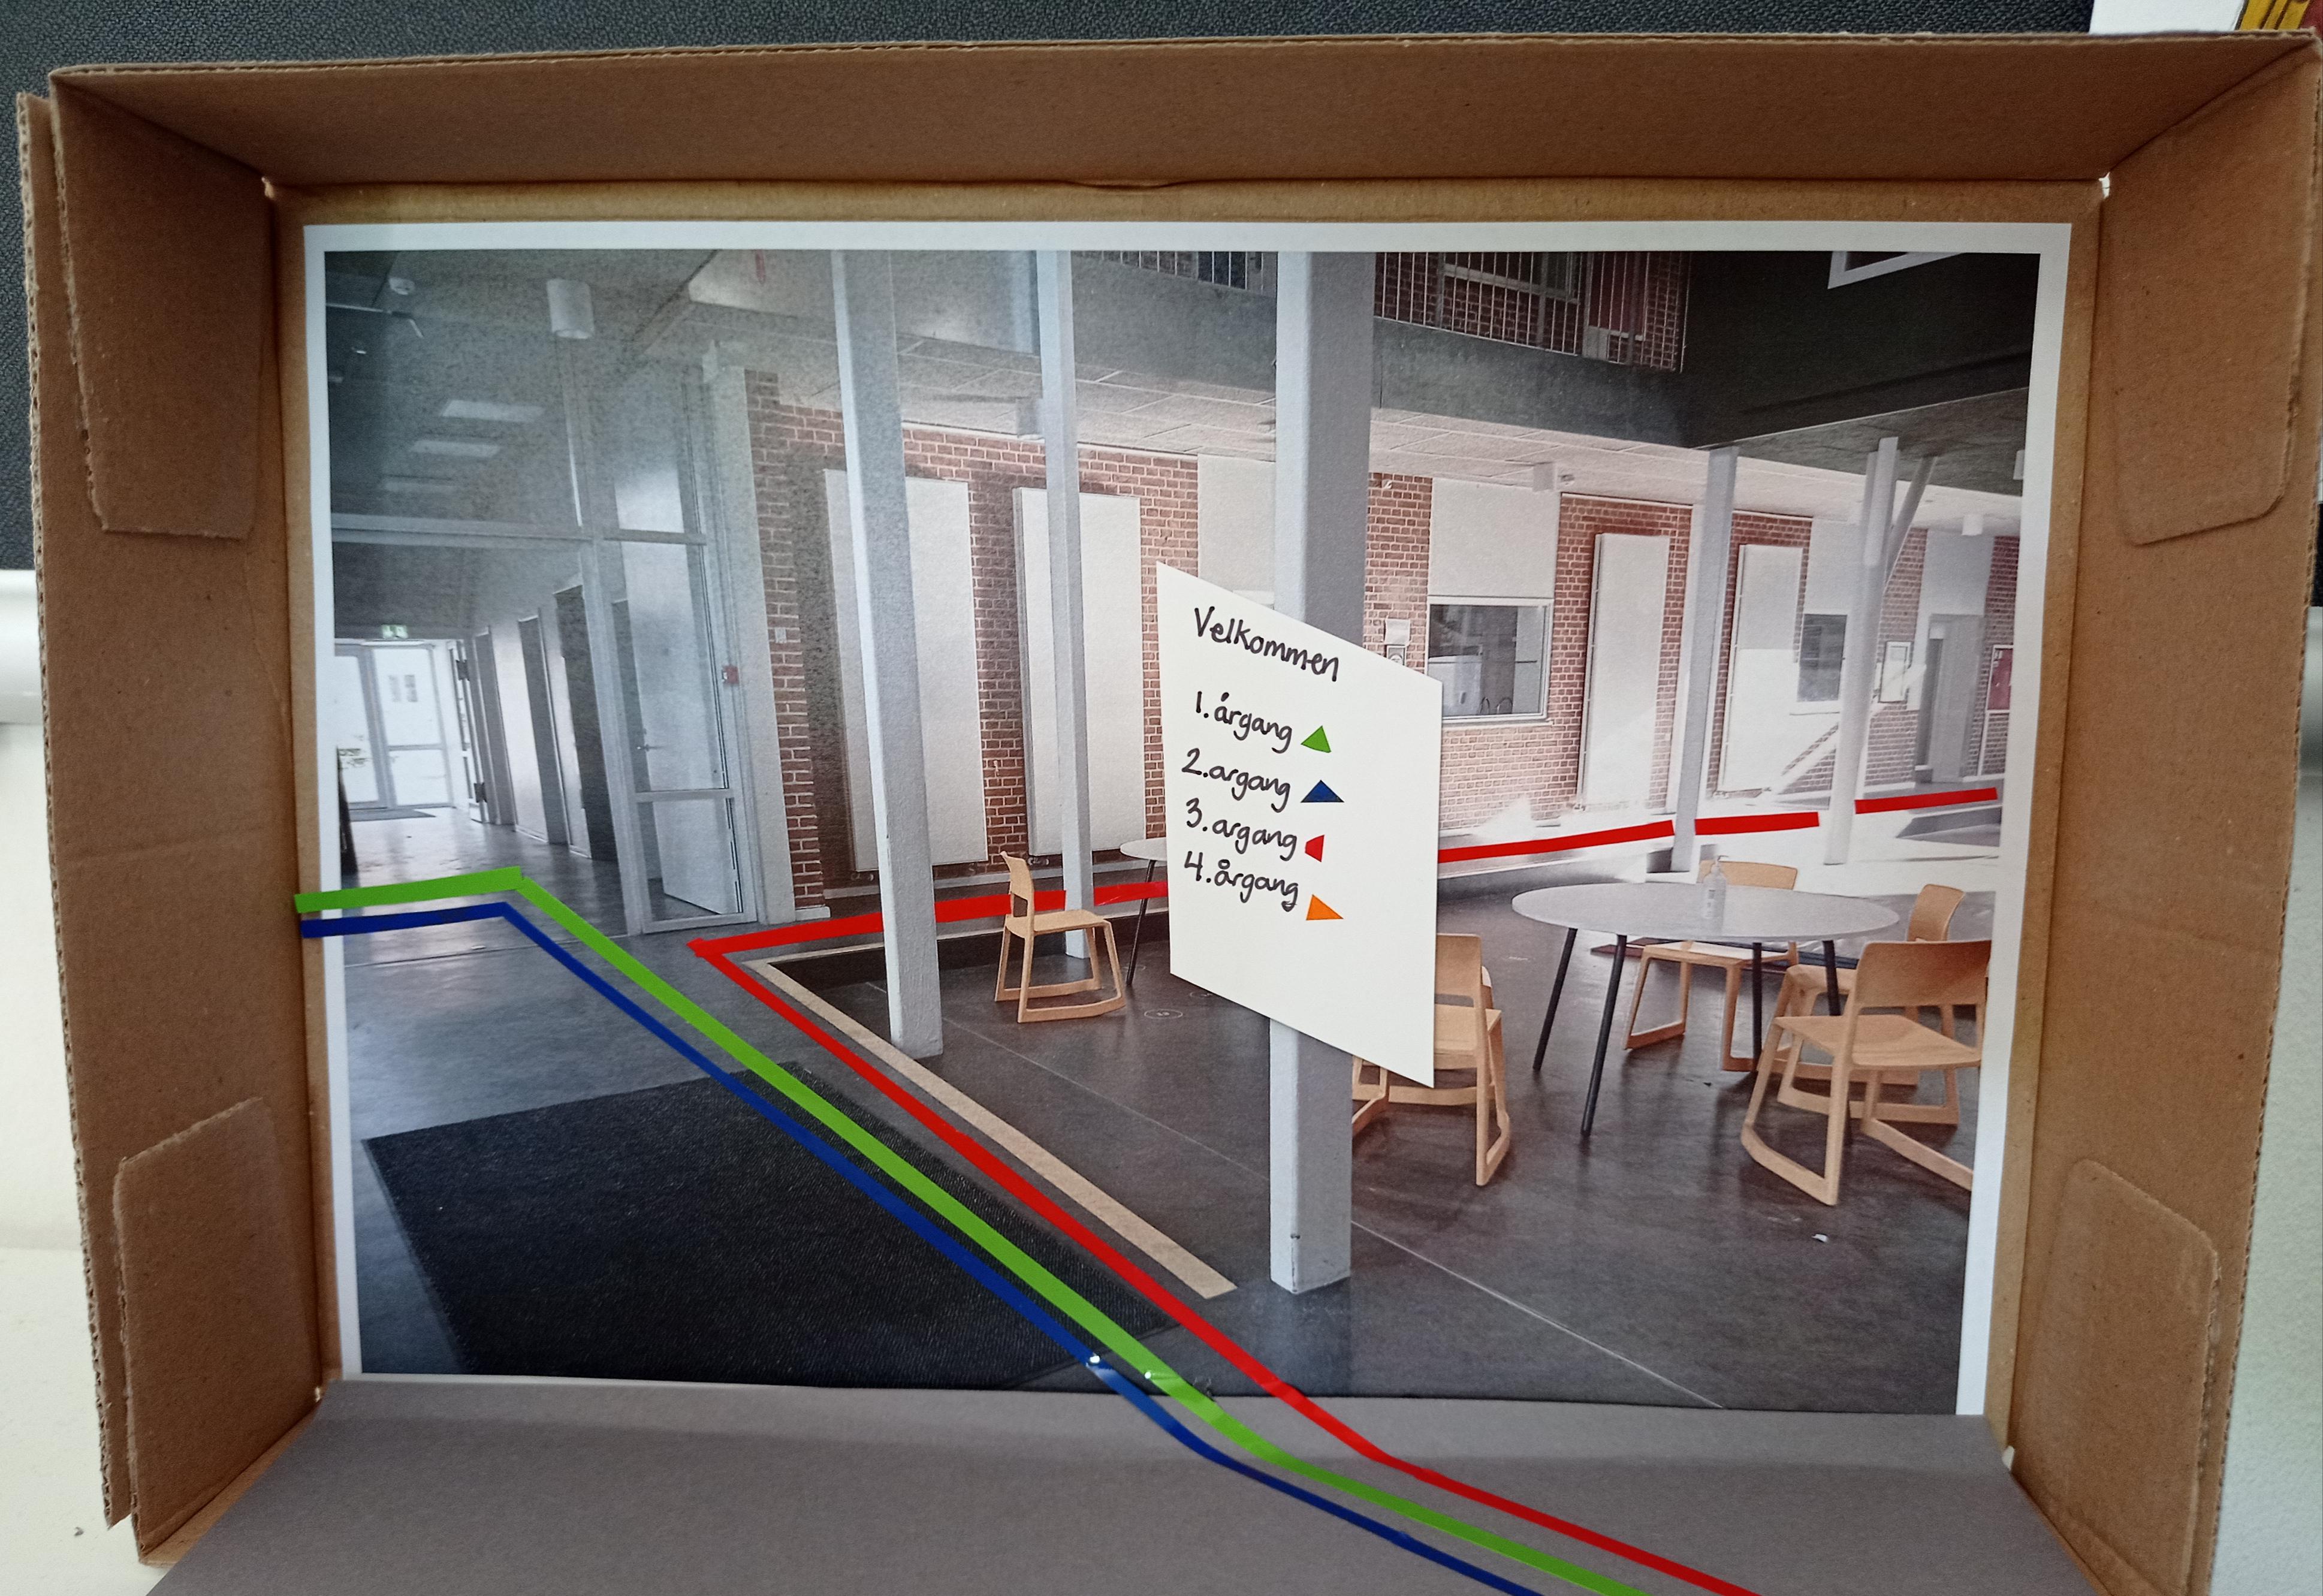 Et foto af et gangareal på en skole. Der er påsat et skilt og nogle farvede linjer på gulvet, så forskellige farvemarkeringer kan hjælpe børn og voksne med at finde rundt på skolen